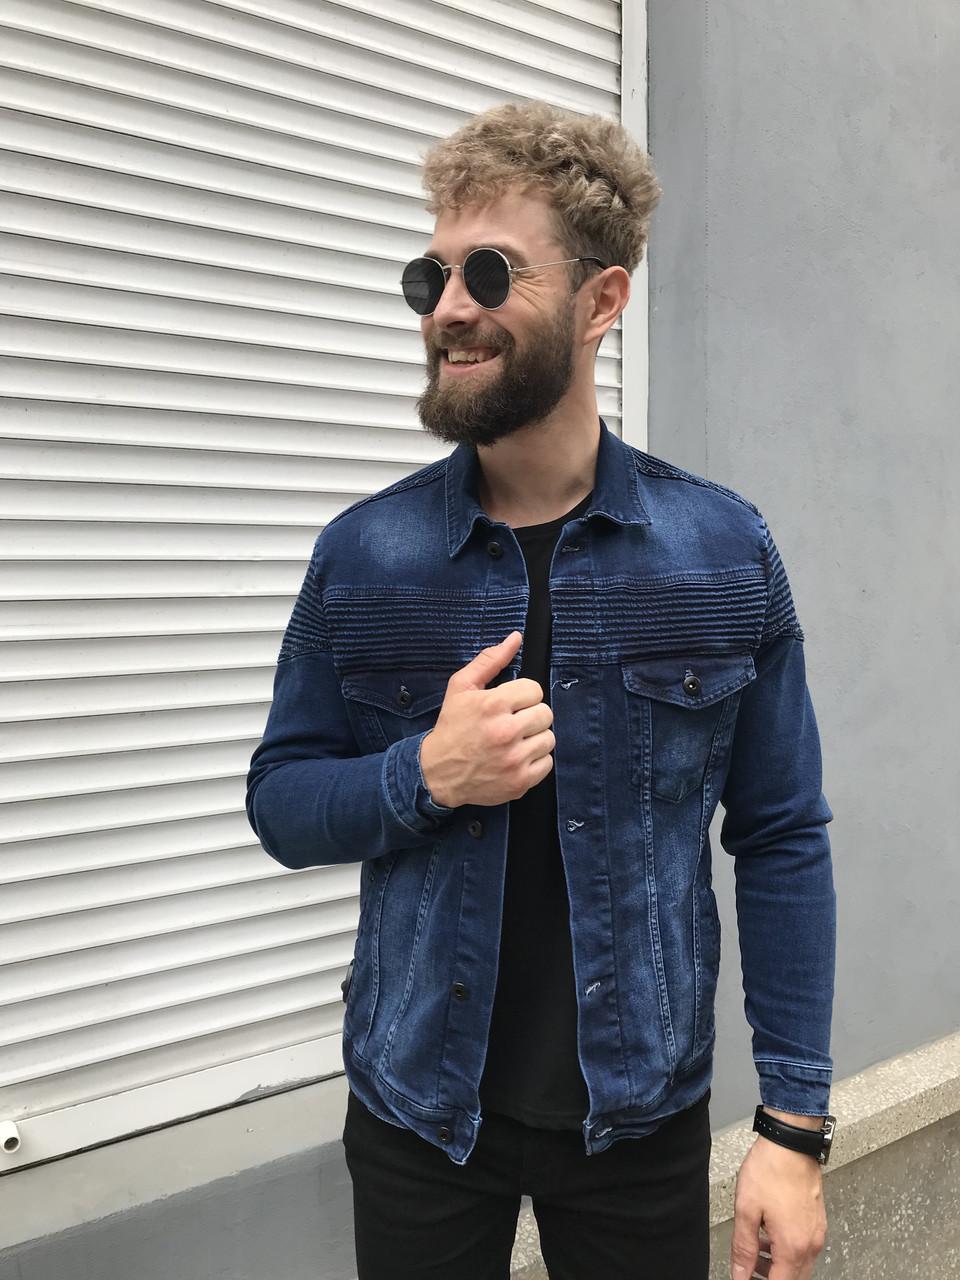 54bc1199f41 Джинсовка мужская синяя - MILLIONAIRE оптом мужская одежда в Черновцах